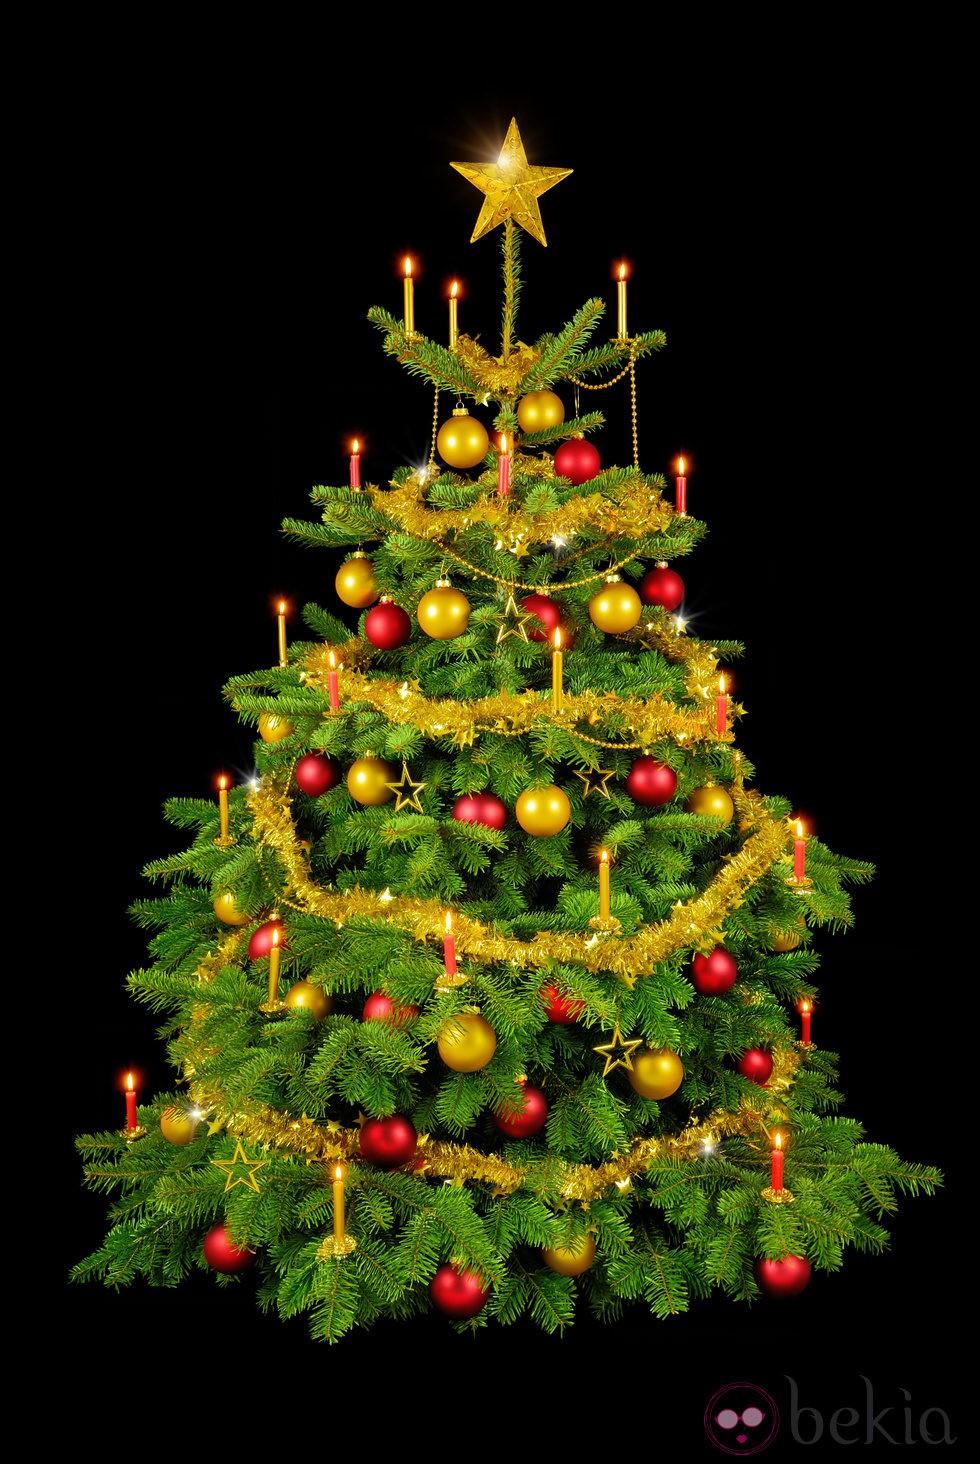 Decoracion mueble sofa arbol navidad dorado - Arbol de navidad dorado ...